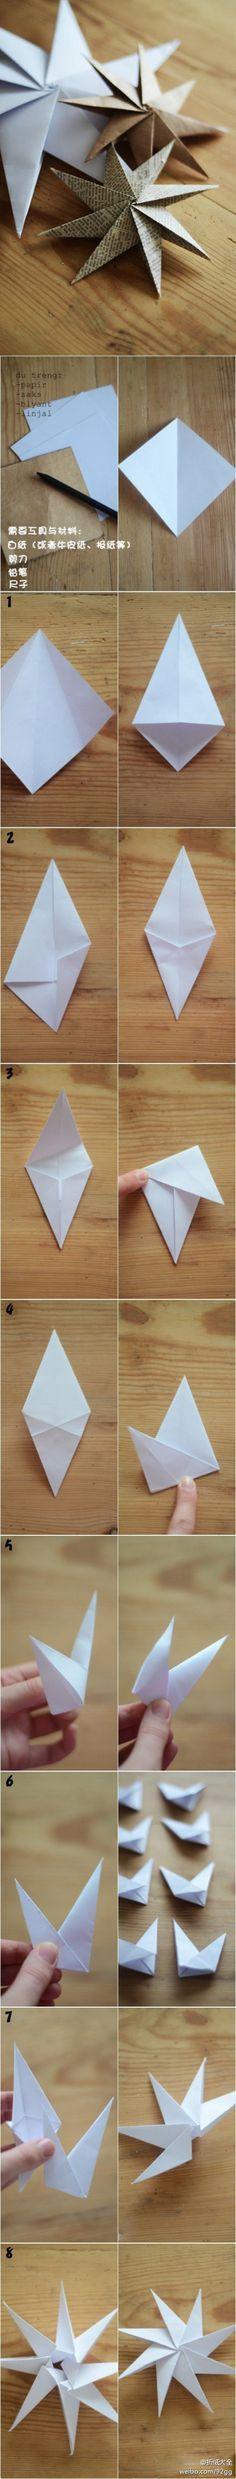 star origami (par assemblage) #deconoel #decorationnoel                                                                                                                                                                                 More